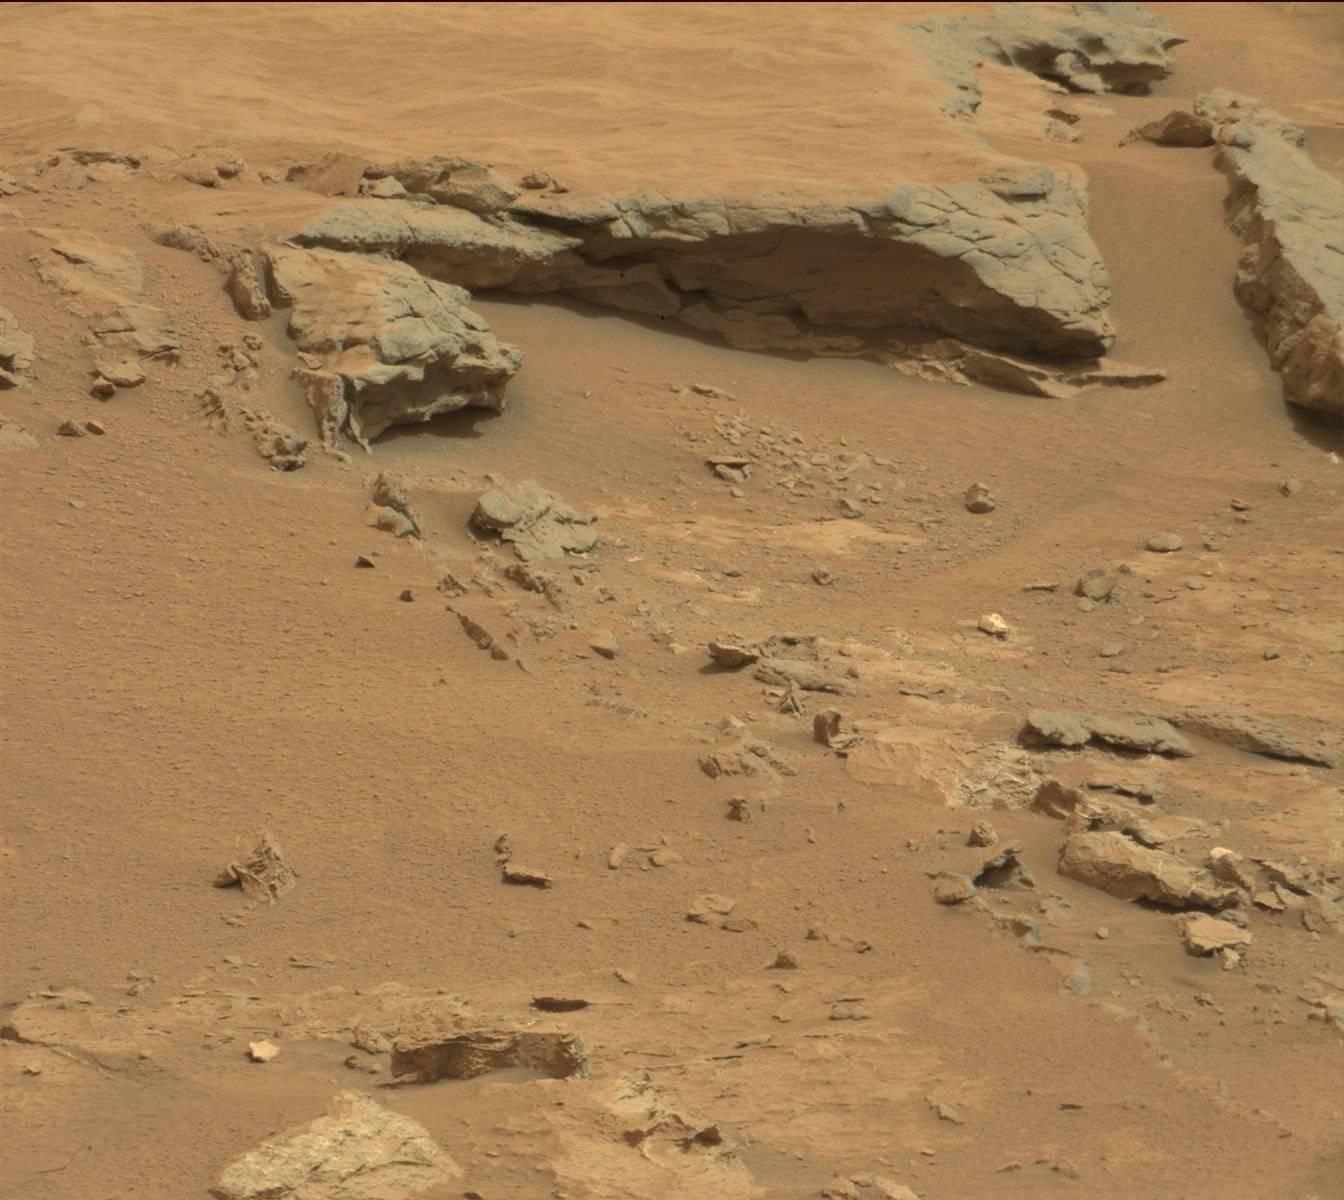 nasa images of mars - photo #27